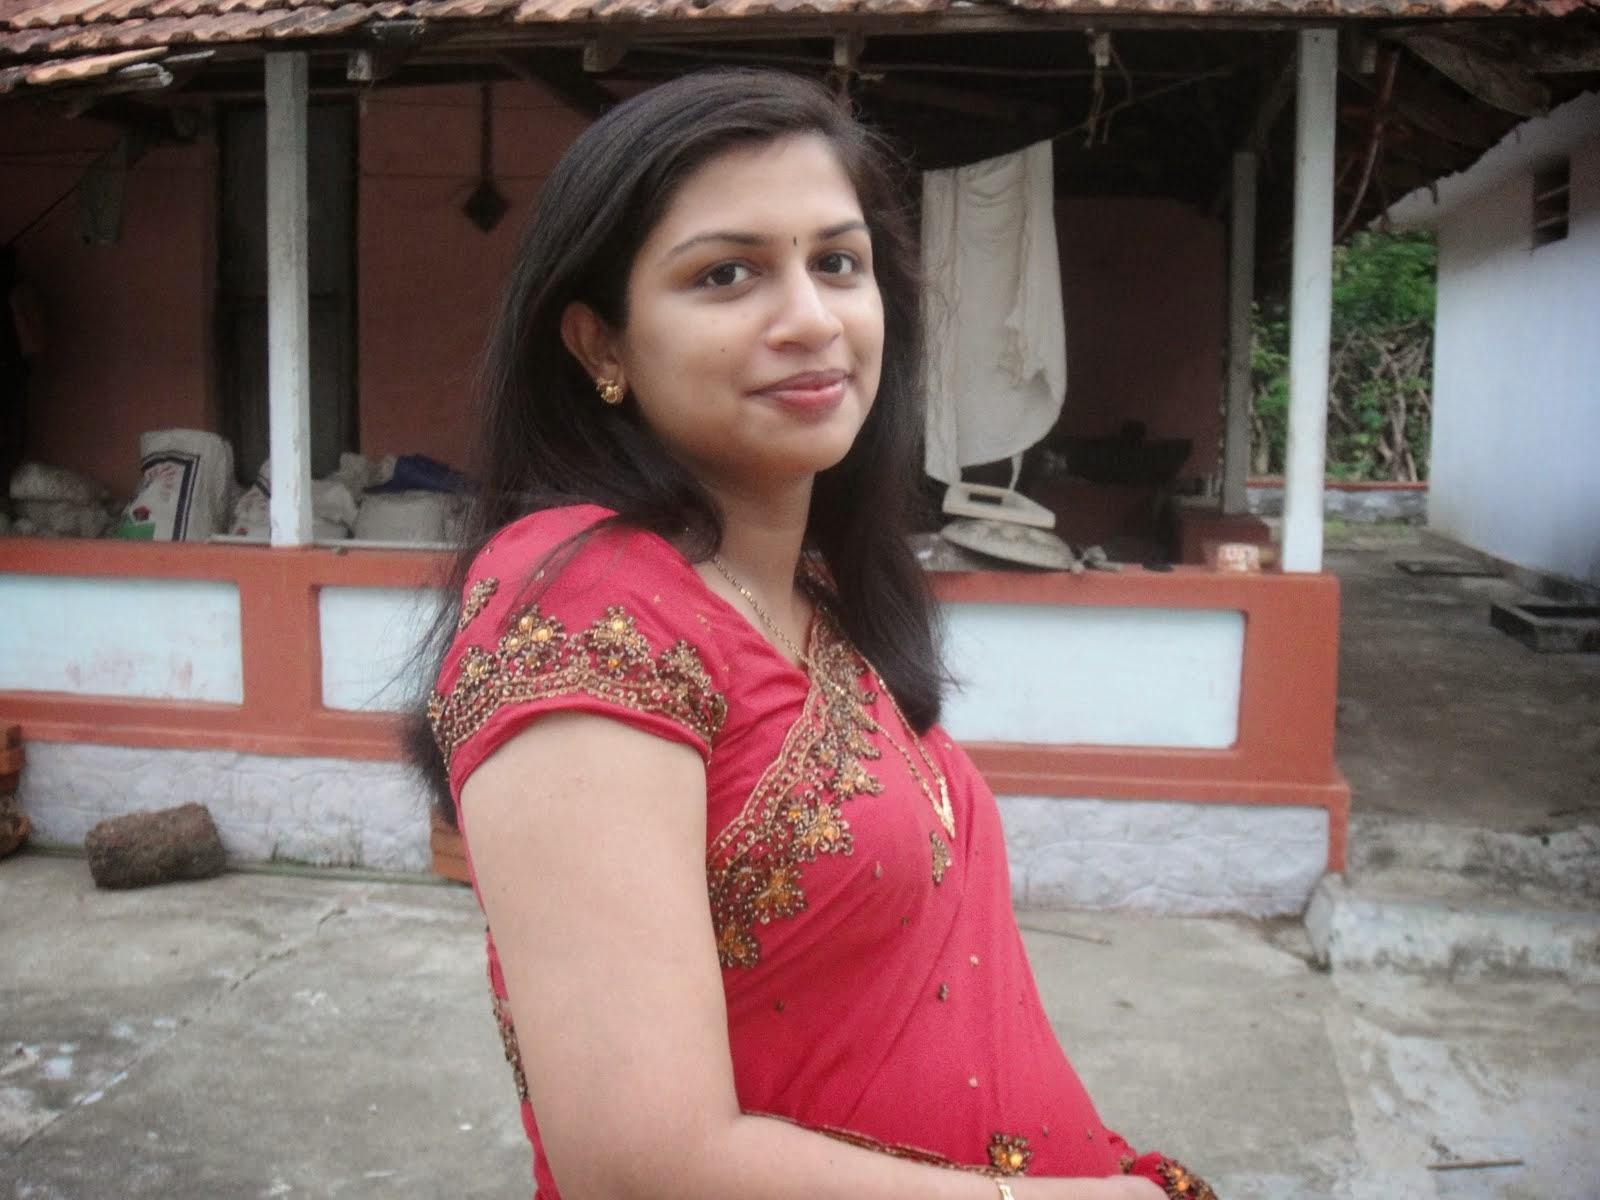 Top 50 Real Indian Housewife Bhabhi Saree Hot Sexy -8255